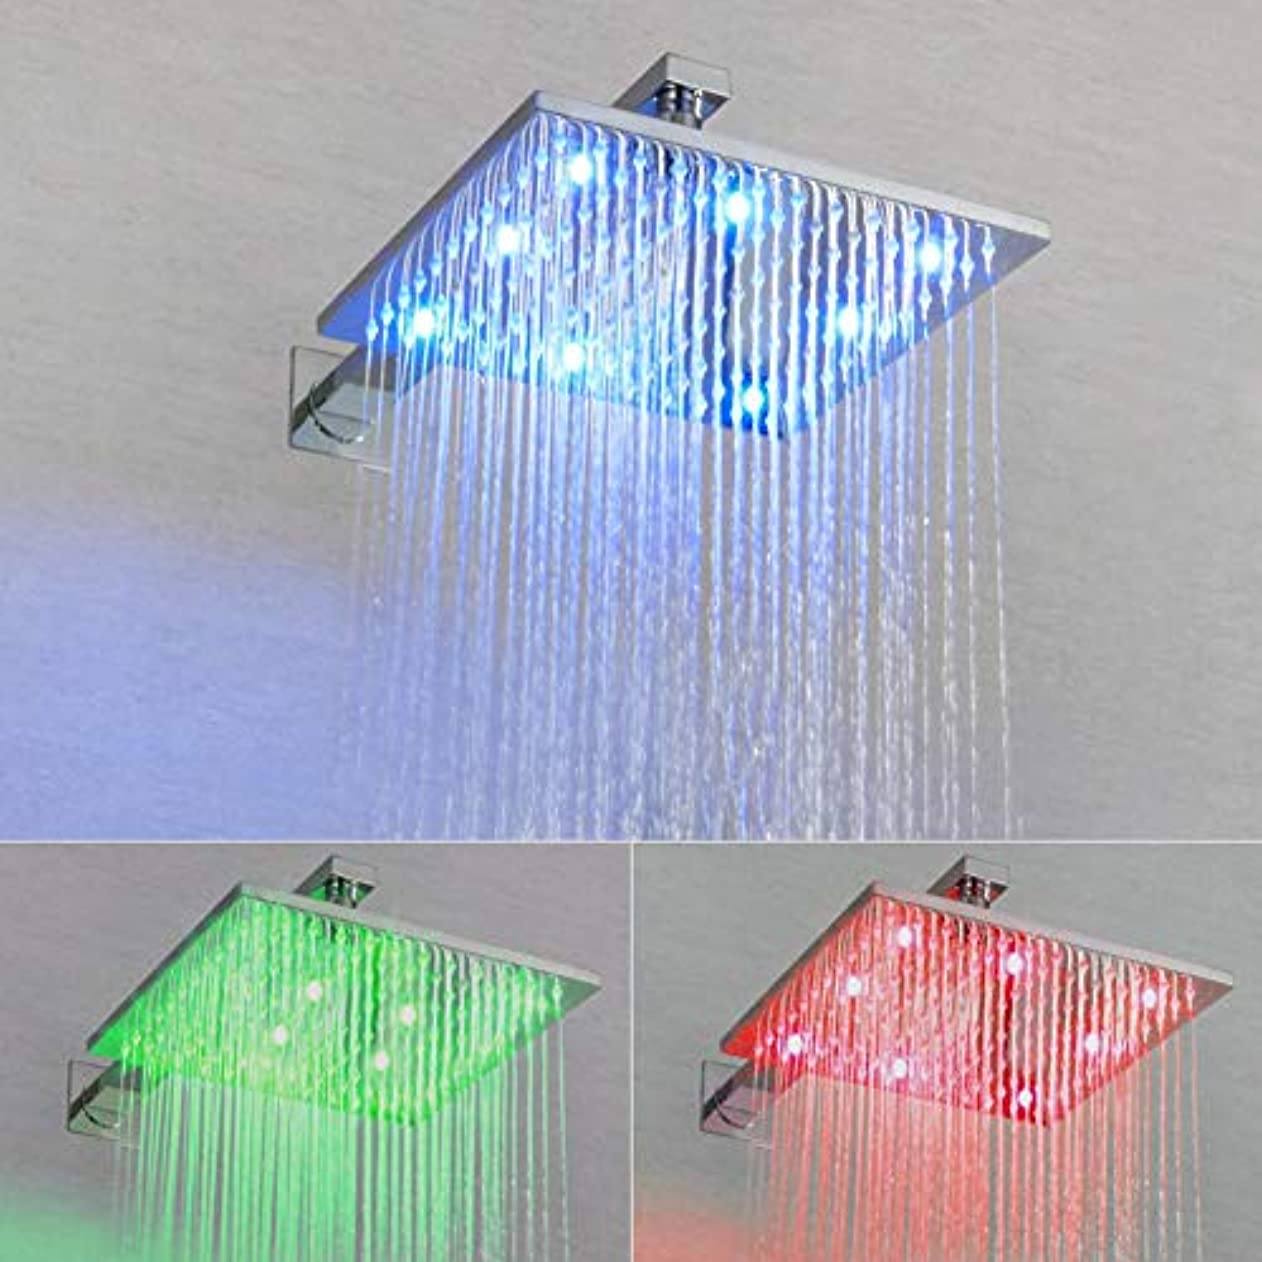 弁護側溝ノイズLEDサーモスタットシャワーシステム、バスルームレインシャワーセット銅シャワーシステムパネルブラスレインフォール3カラーLEDシャワーヘッド (色 : 25x25cm)